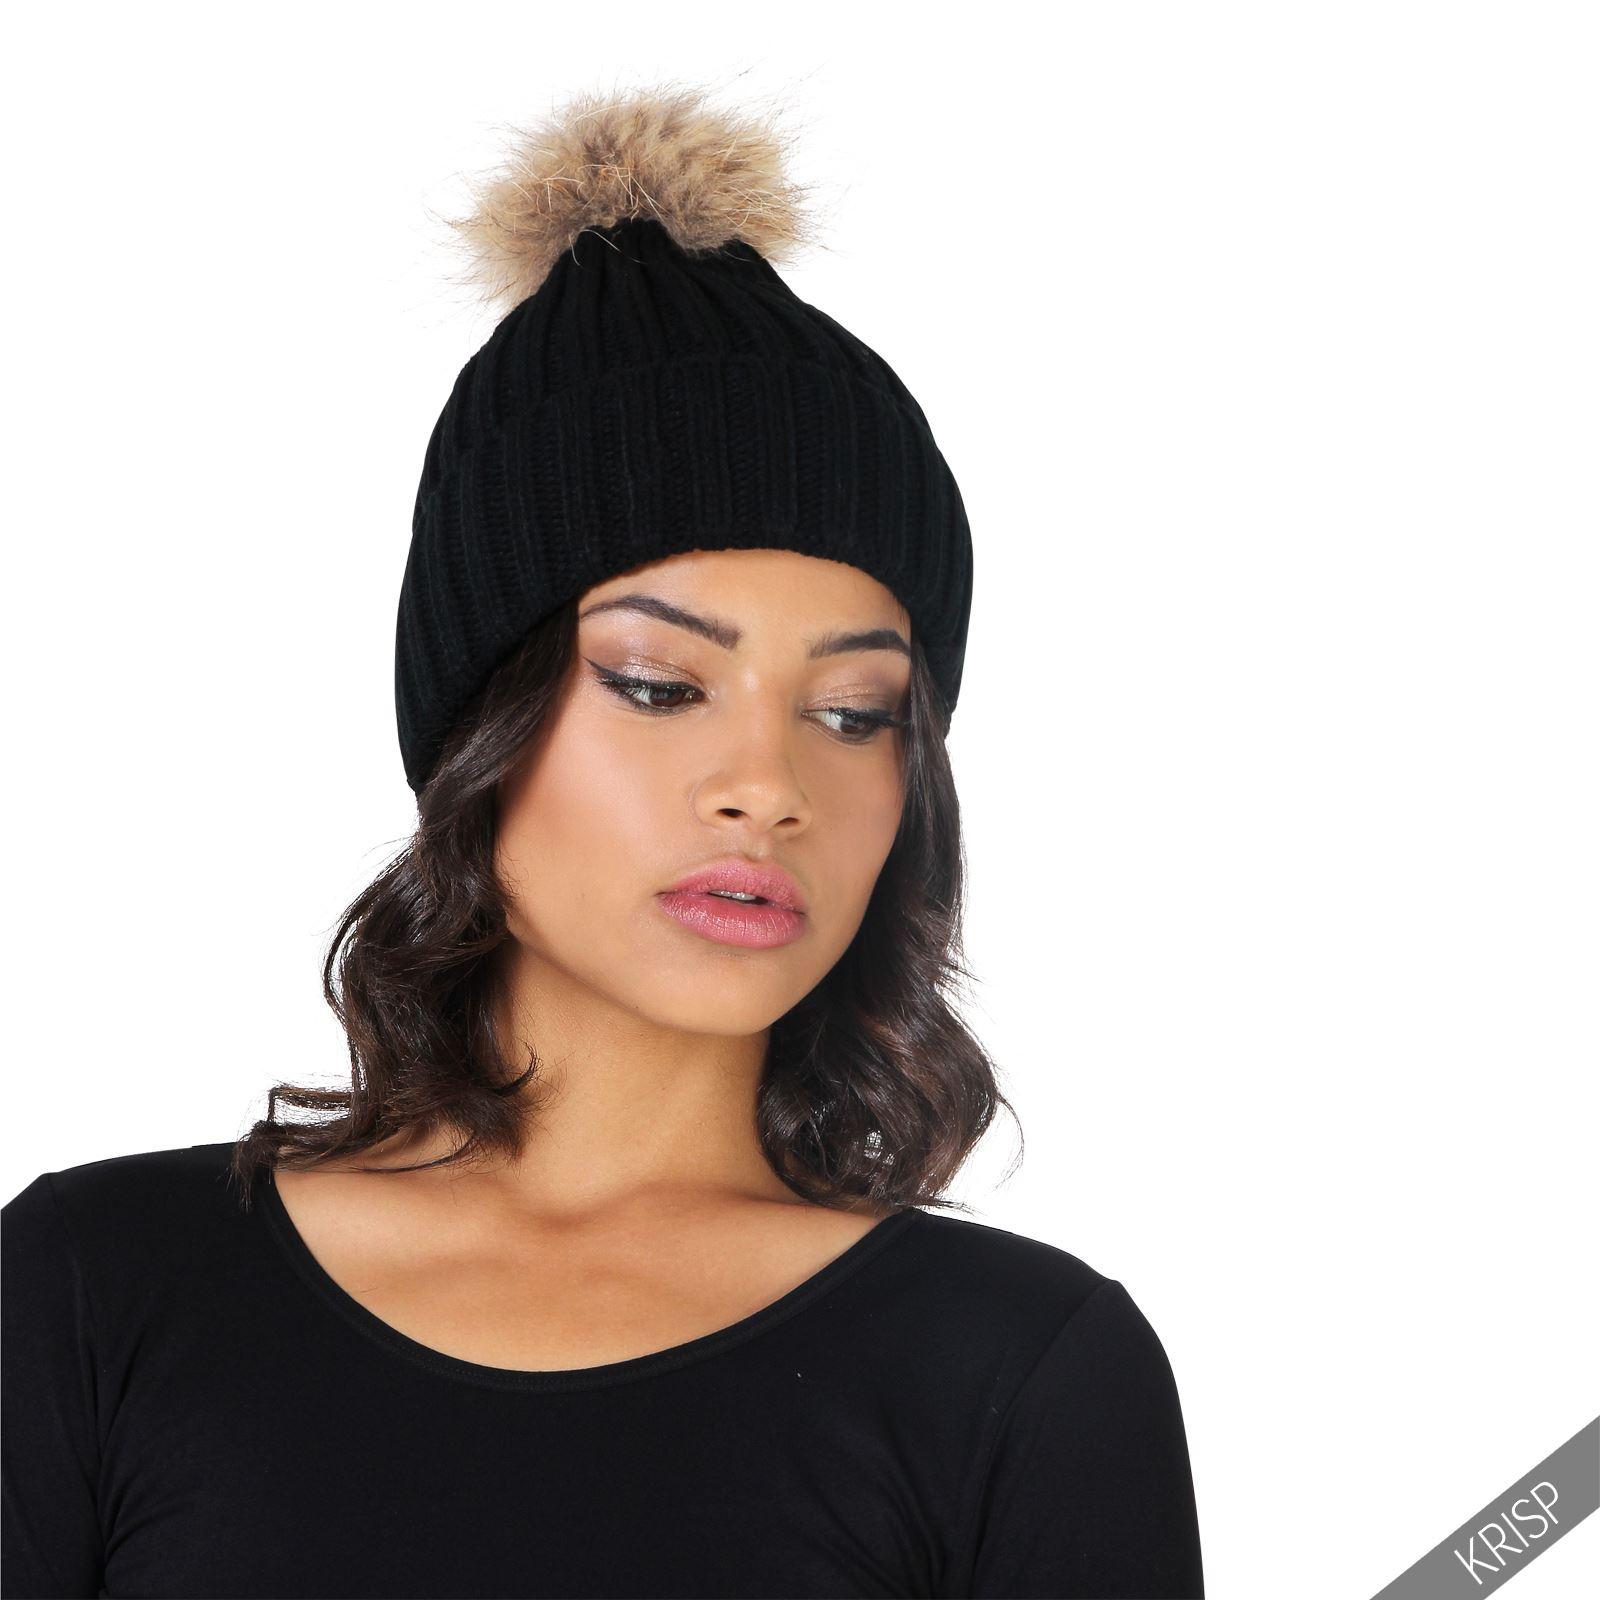 femmes bonnet pompom beret chapeau pompom ski chaud noel. Black Bedroom Furniture Sets. Home Design Ideas